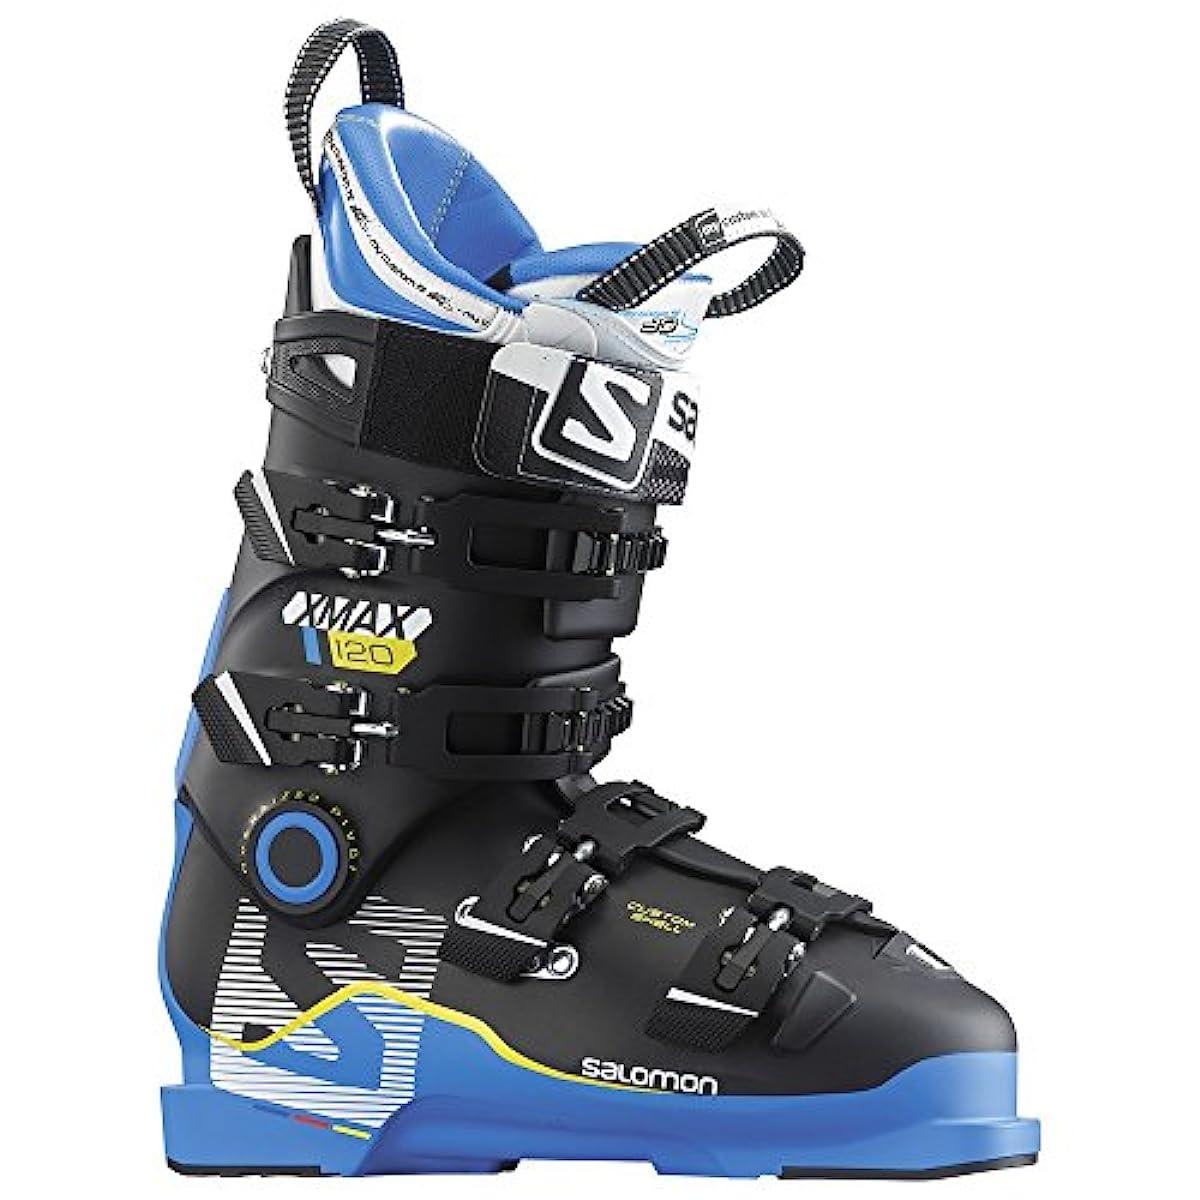 [해외] 살로몬SALOMON 스키화 X MAX 120 X 맥스 120 2016-17 모델